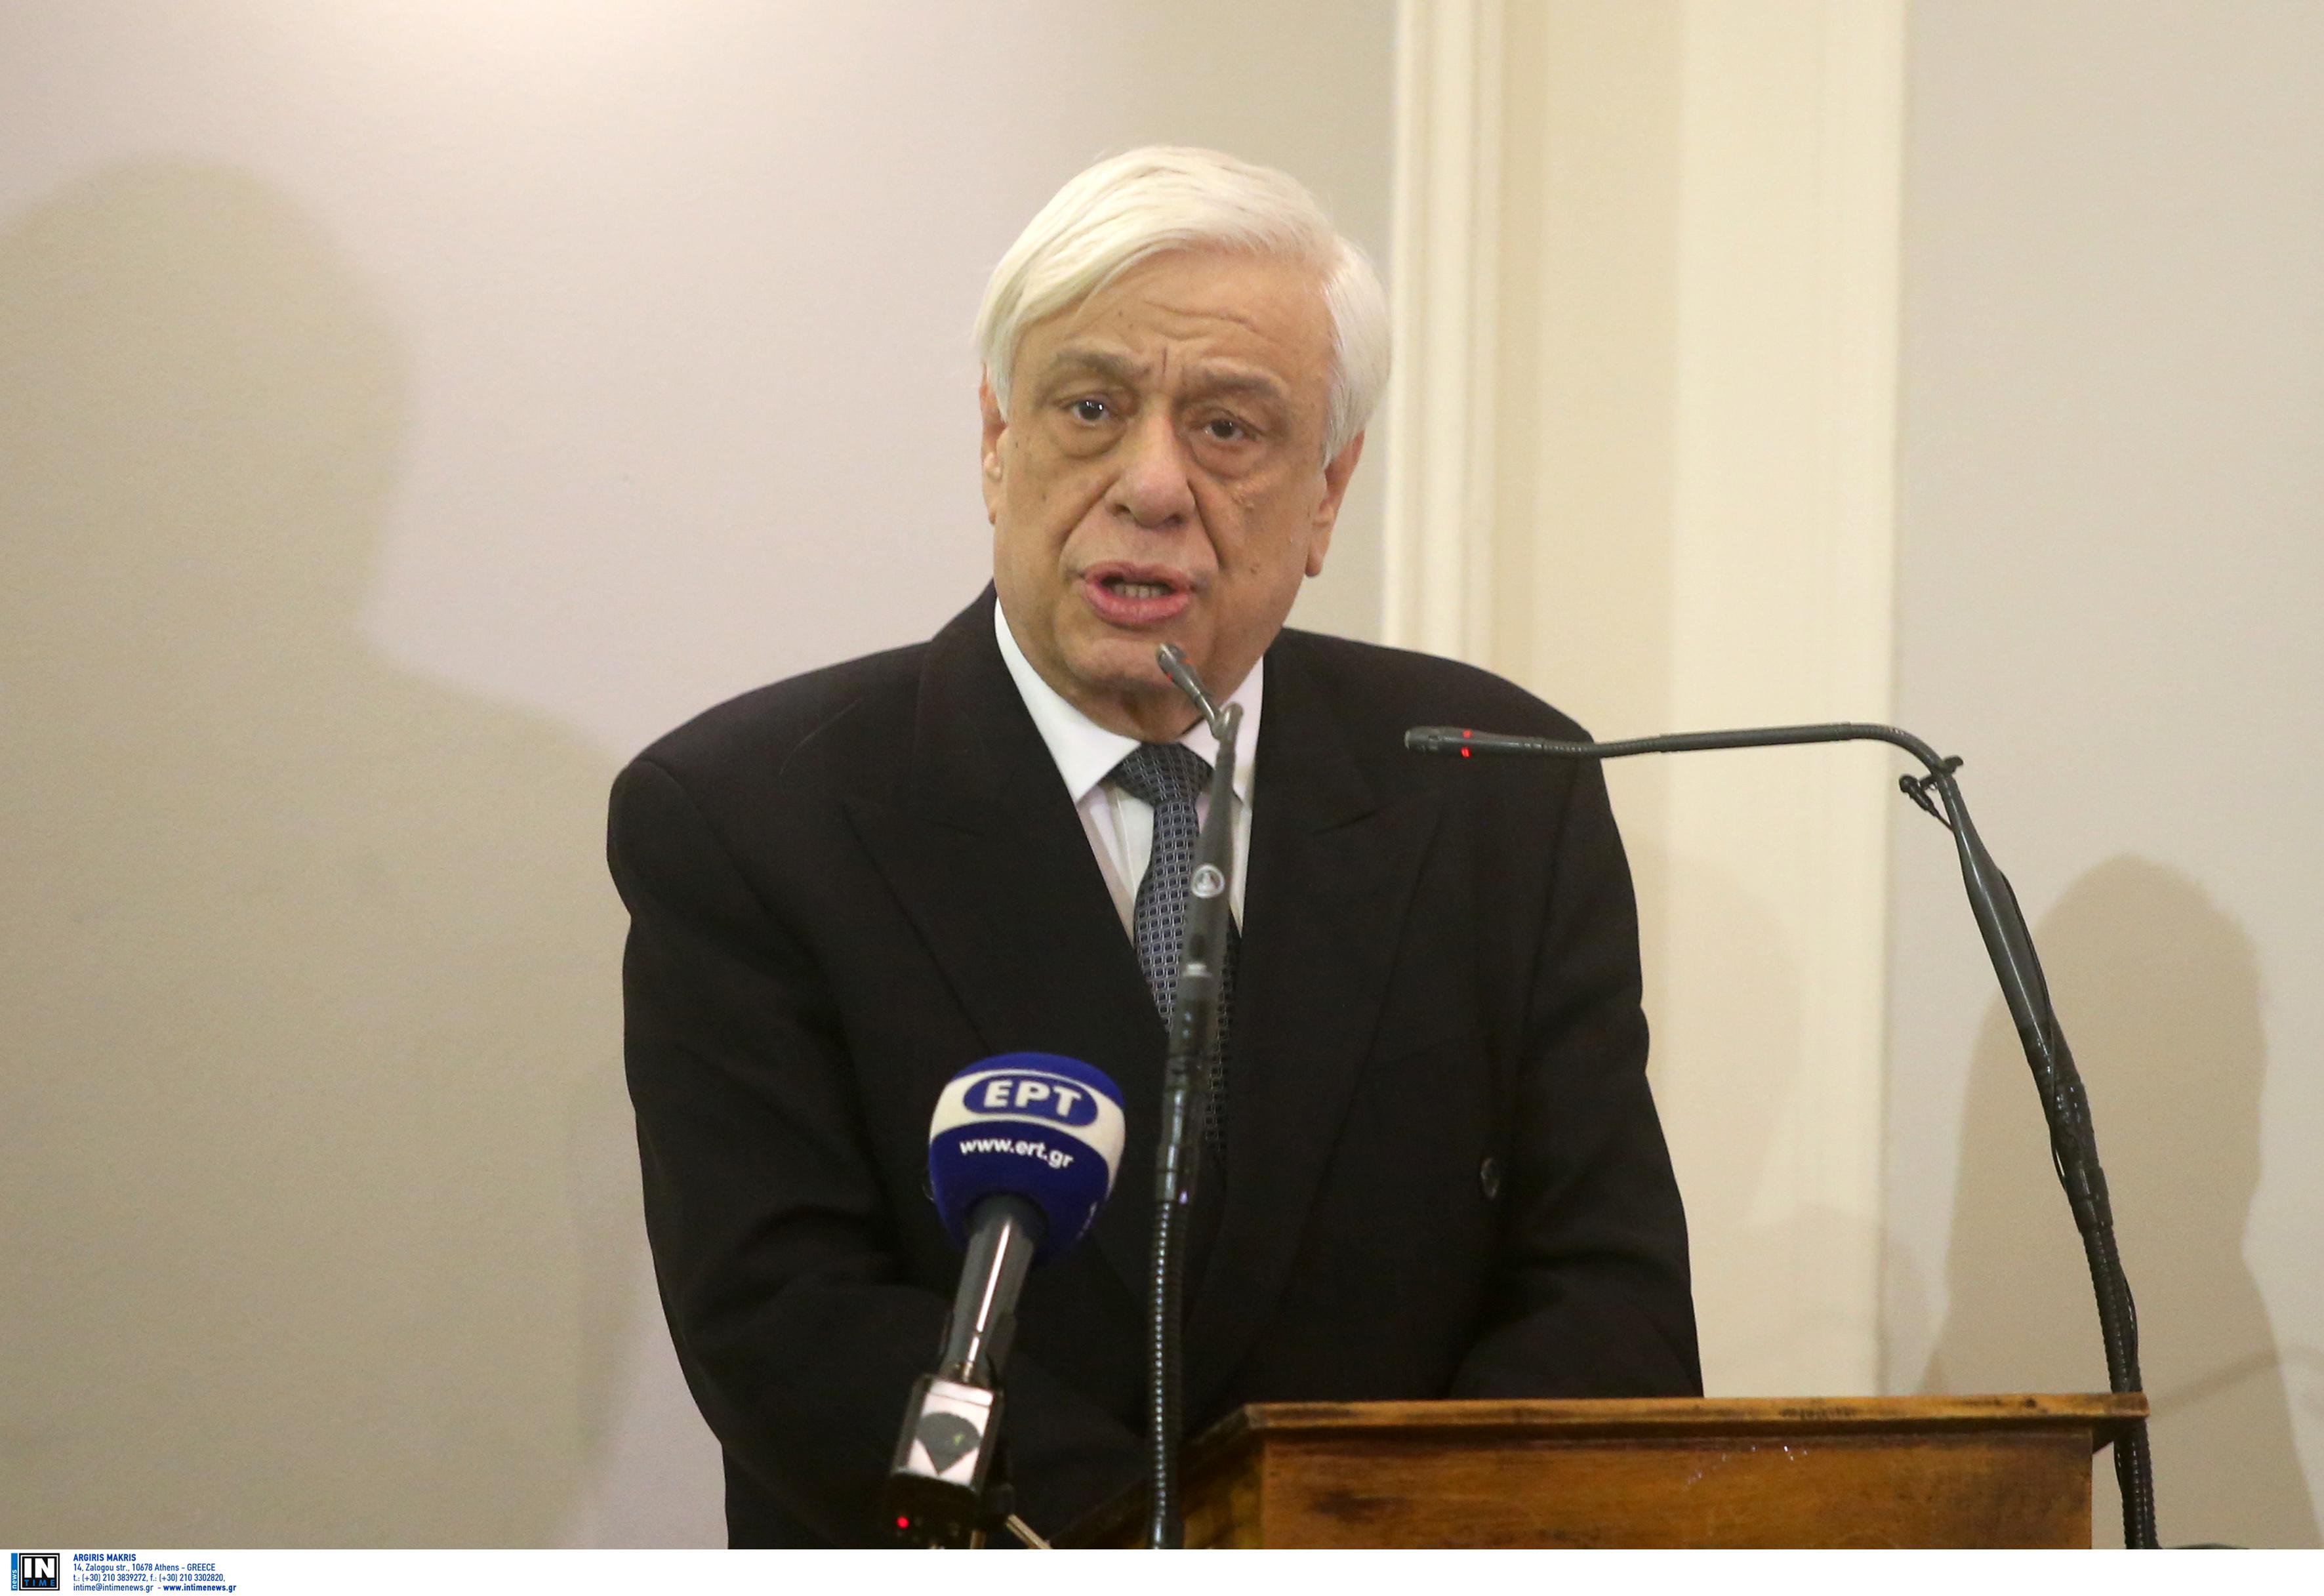 Παυλόπουλος: Η Τουρκία έχει υπερβεί τα όρια του θράσους